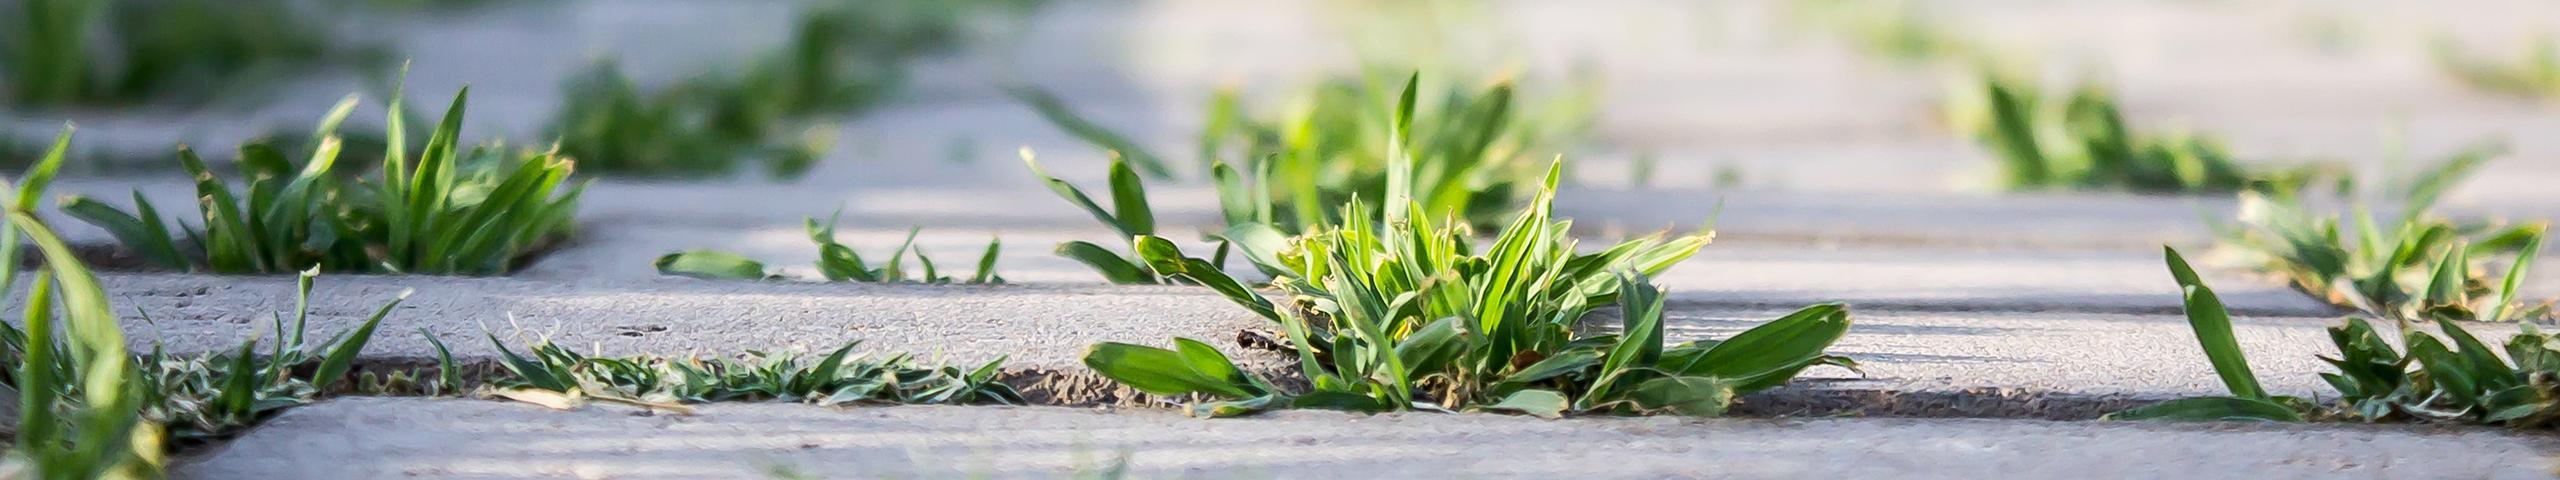 weeds growing in sidewalk cracks